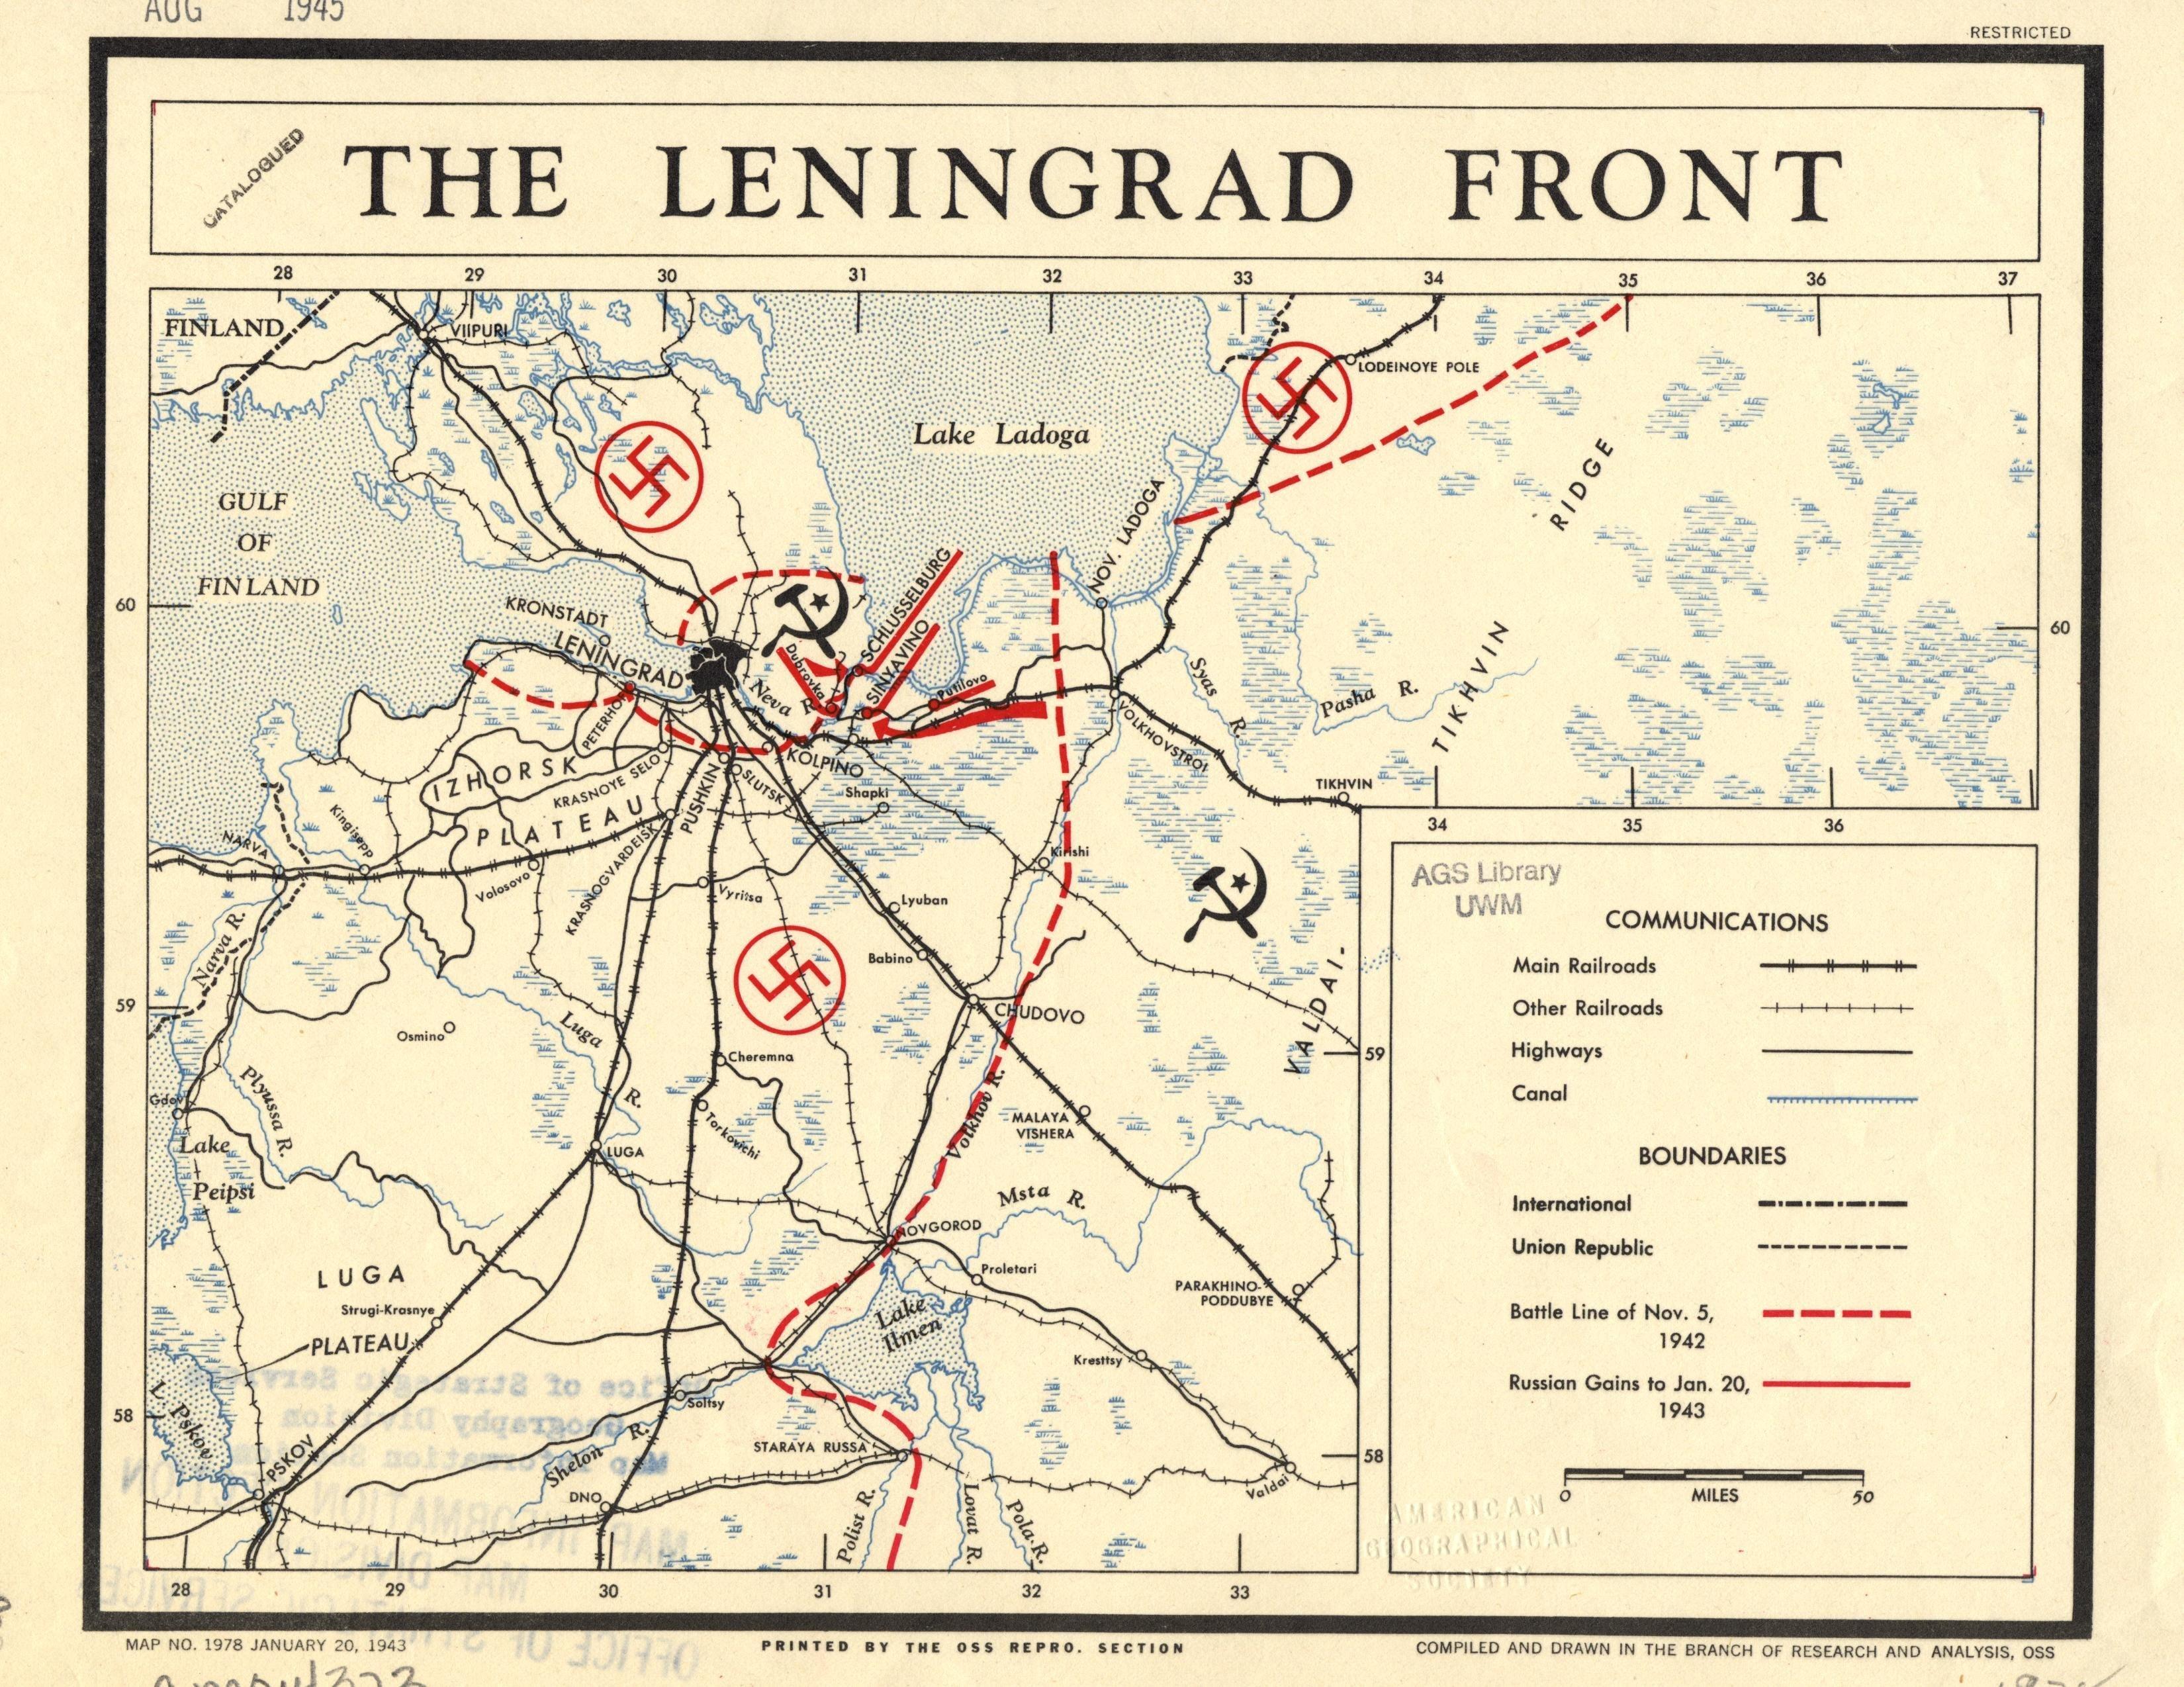 Le Front de Leningrad, 1943